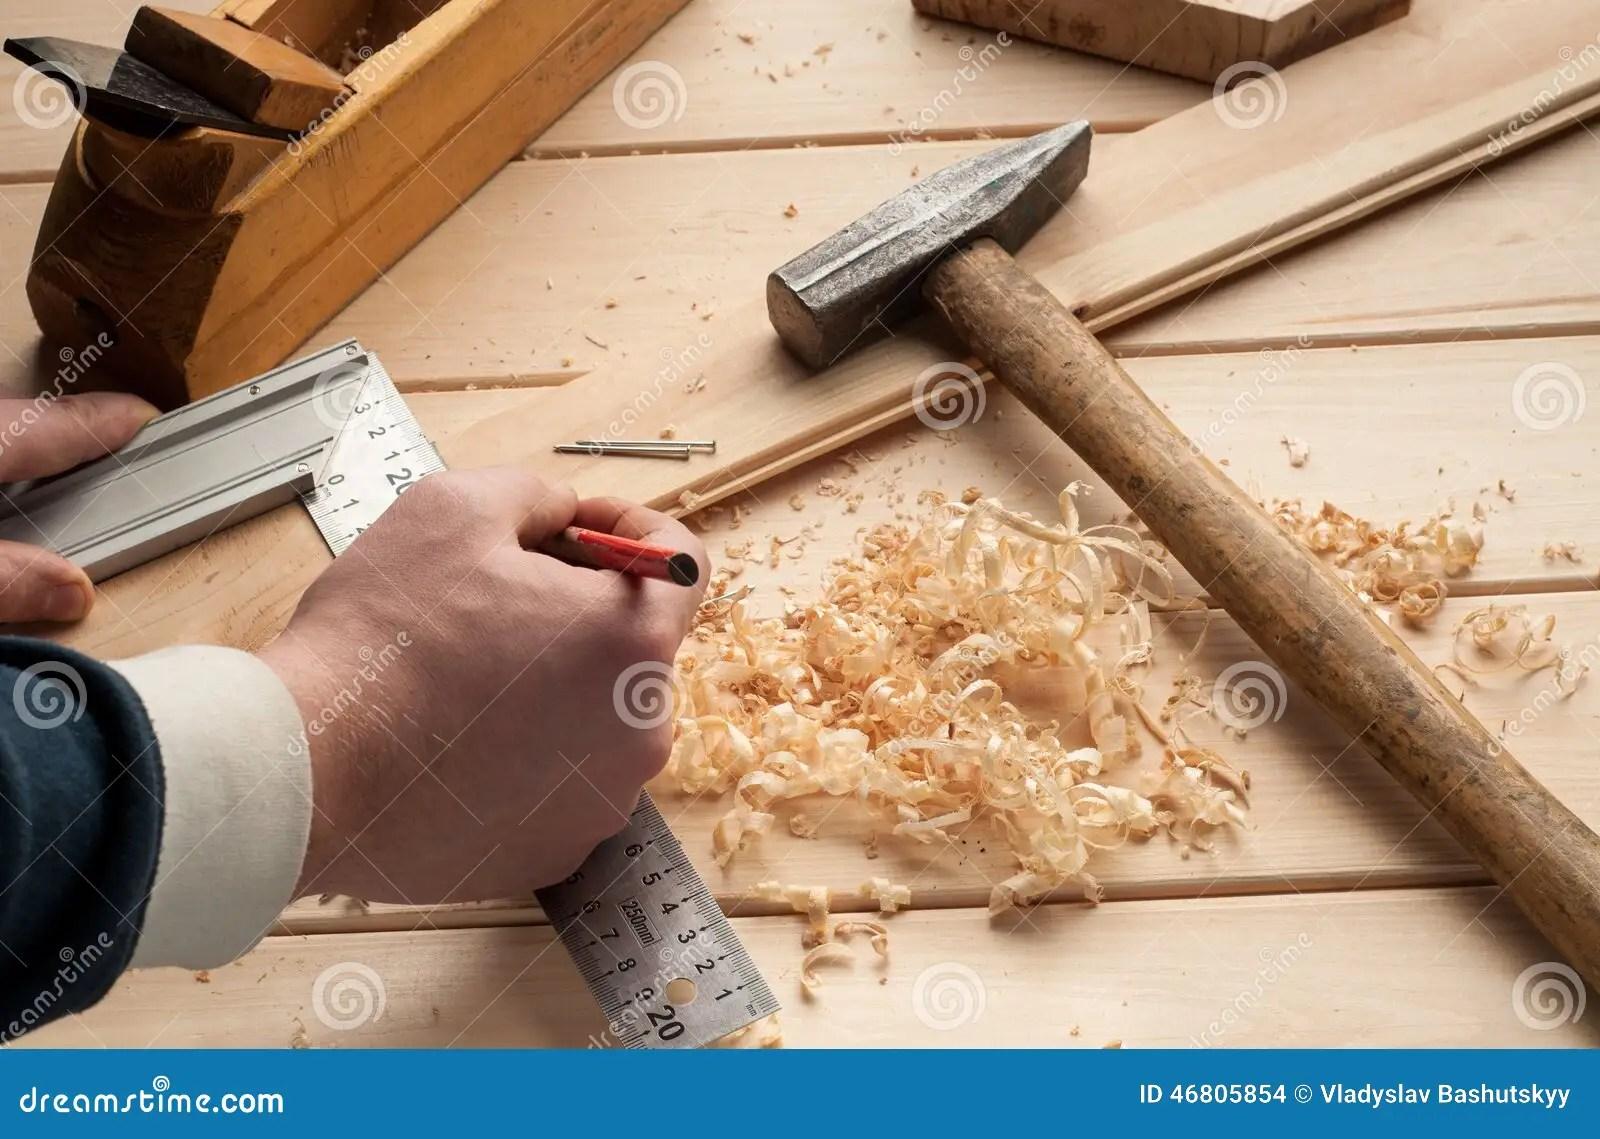 木匠工具,錘子,米,釘子,削片,和 庫存照片. 圖片 包括有 木匠工具,錘子,米,釘子,削片,和 - 46805854